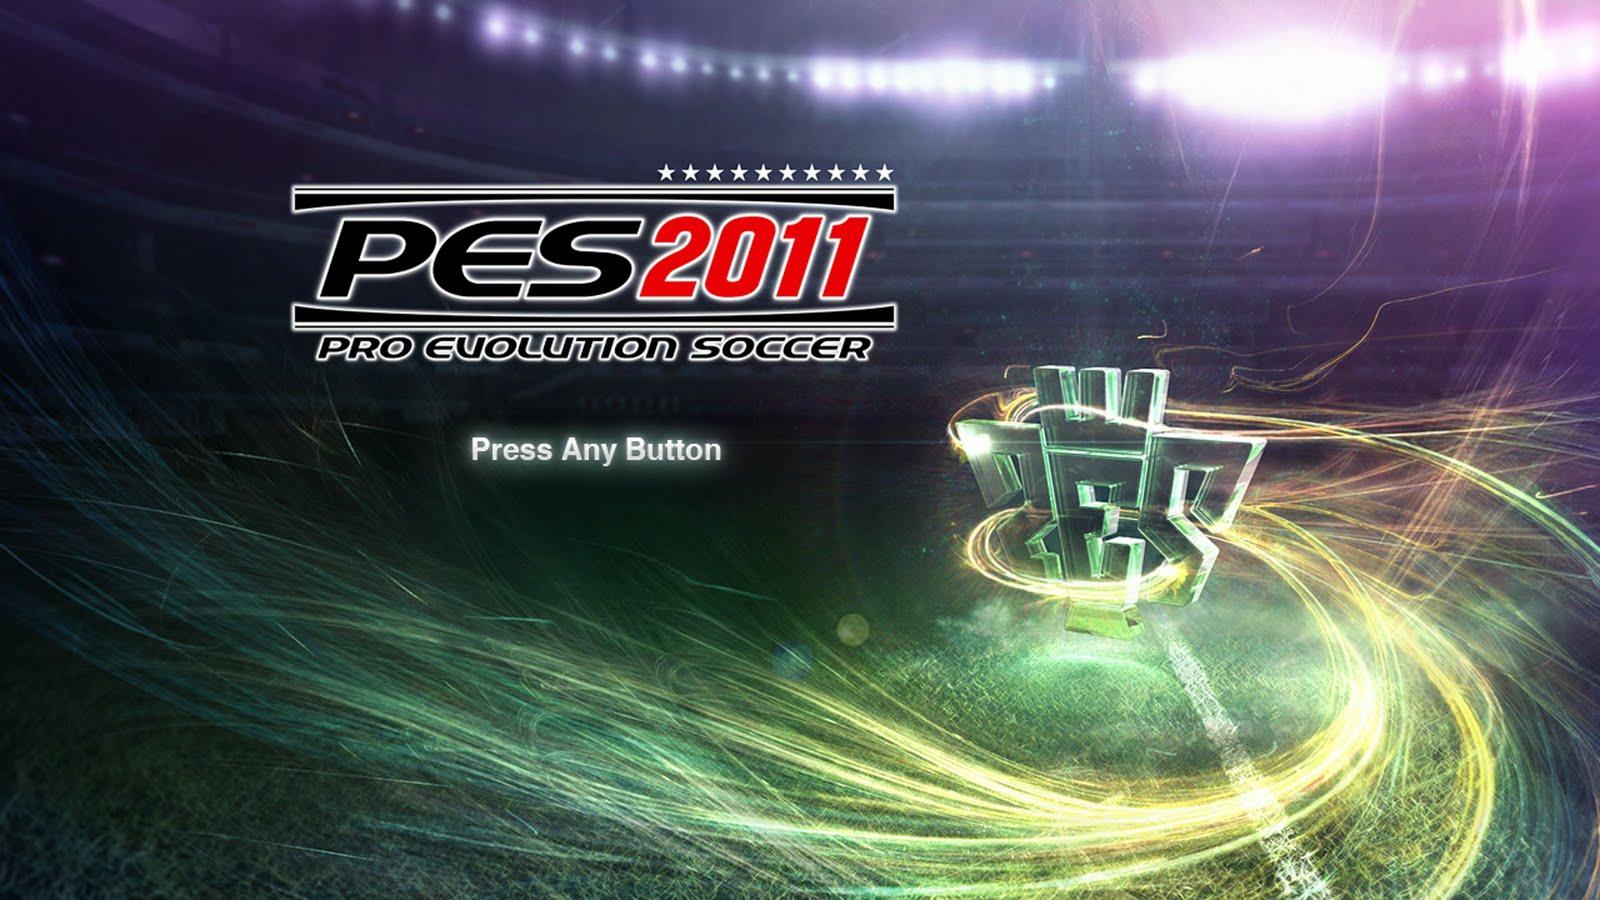 Pes 2011 Yeni Ekran Görüntüleri (05.08.2010) Prev_1_pes2011-title